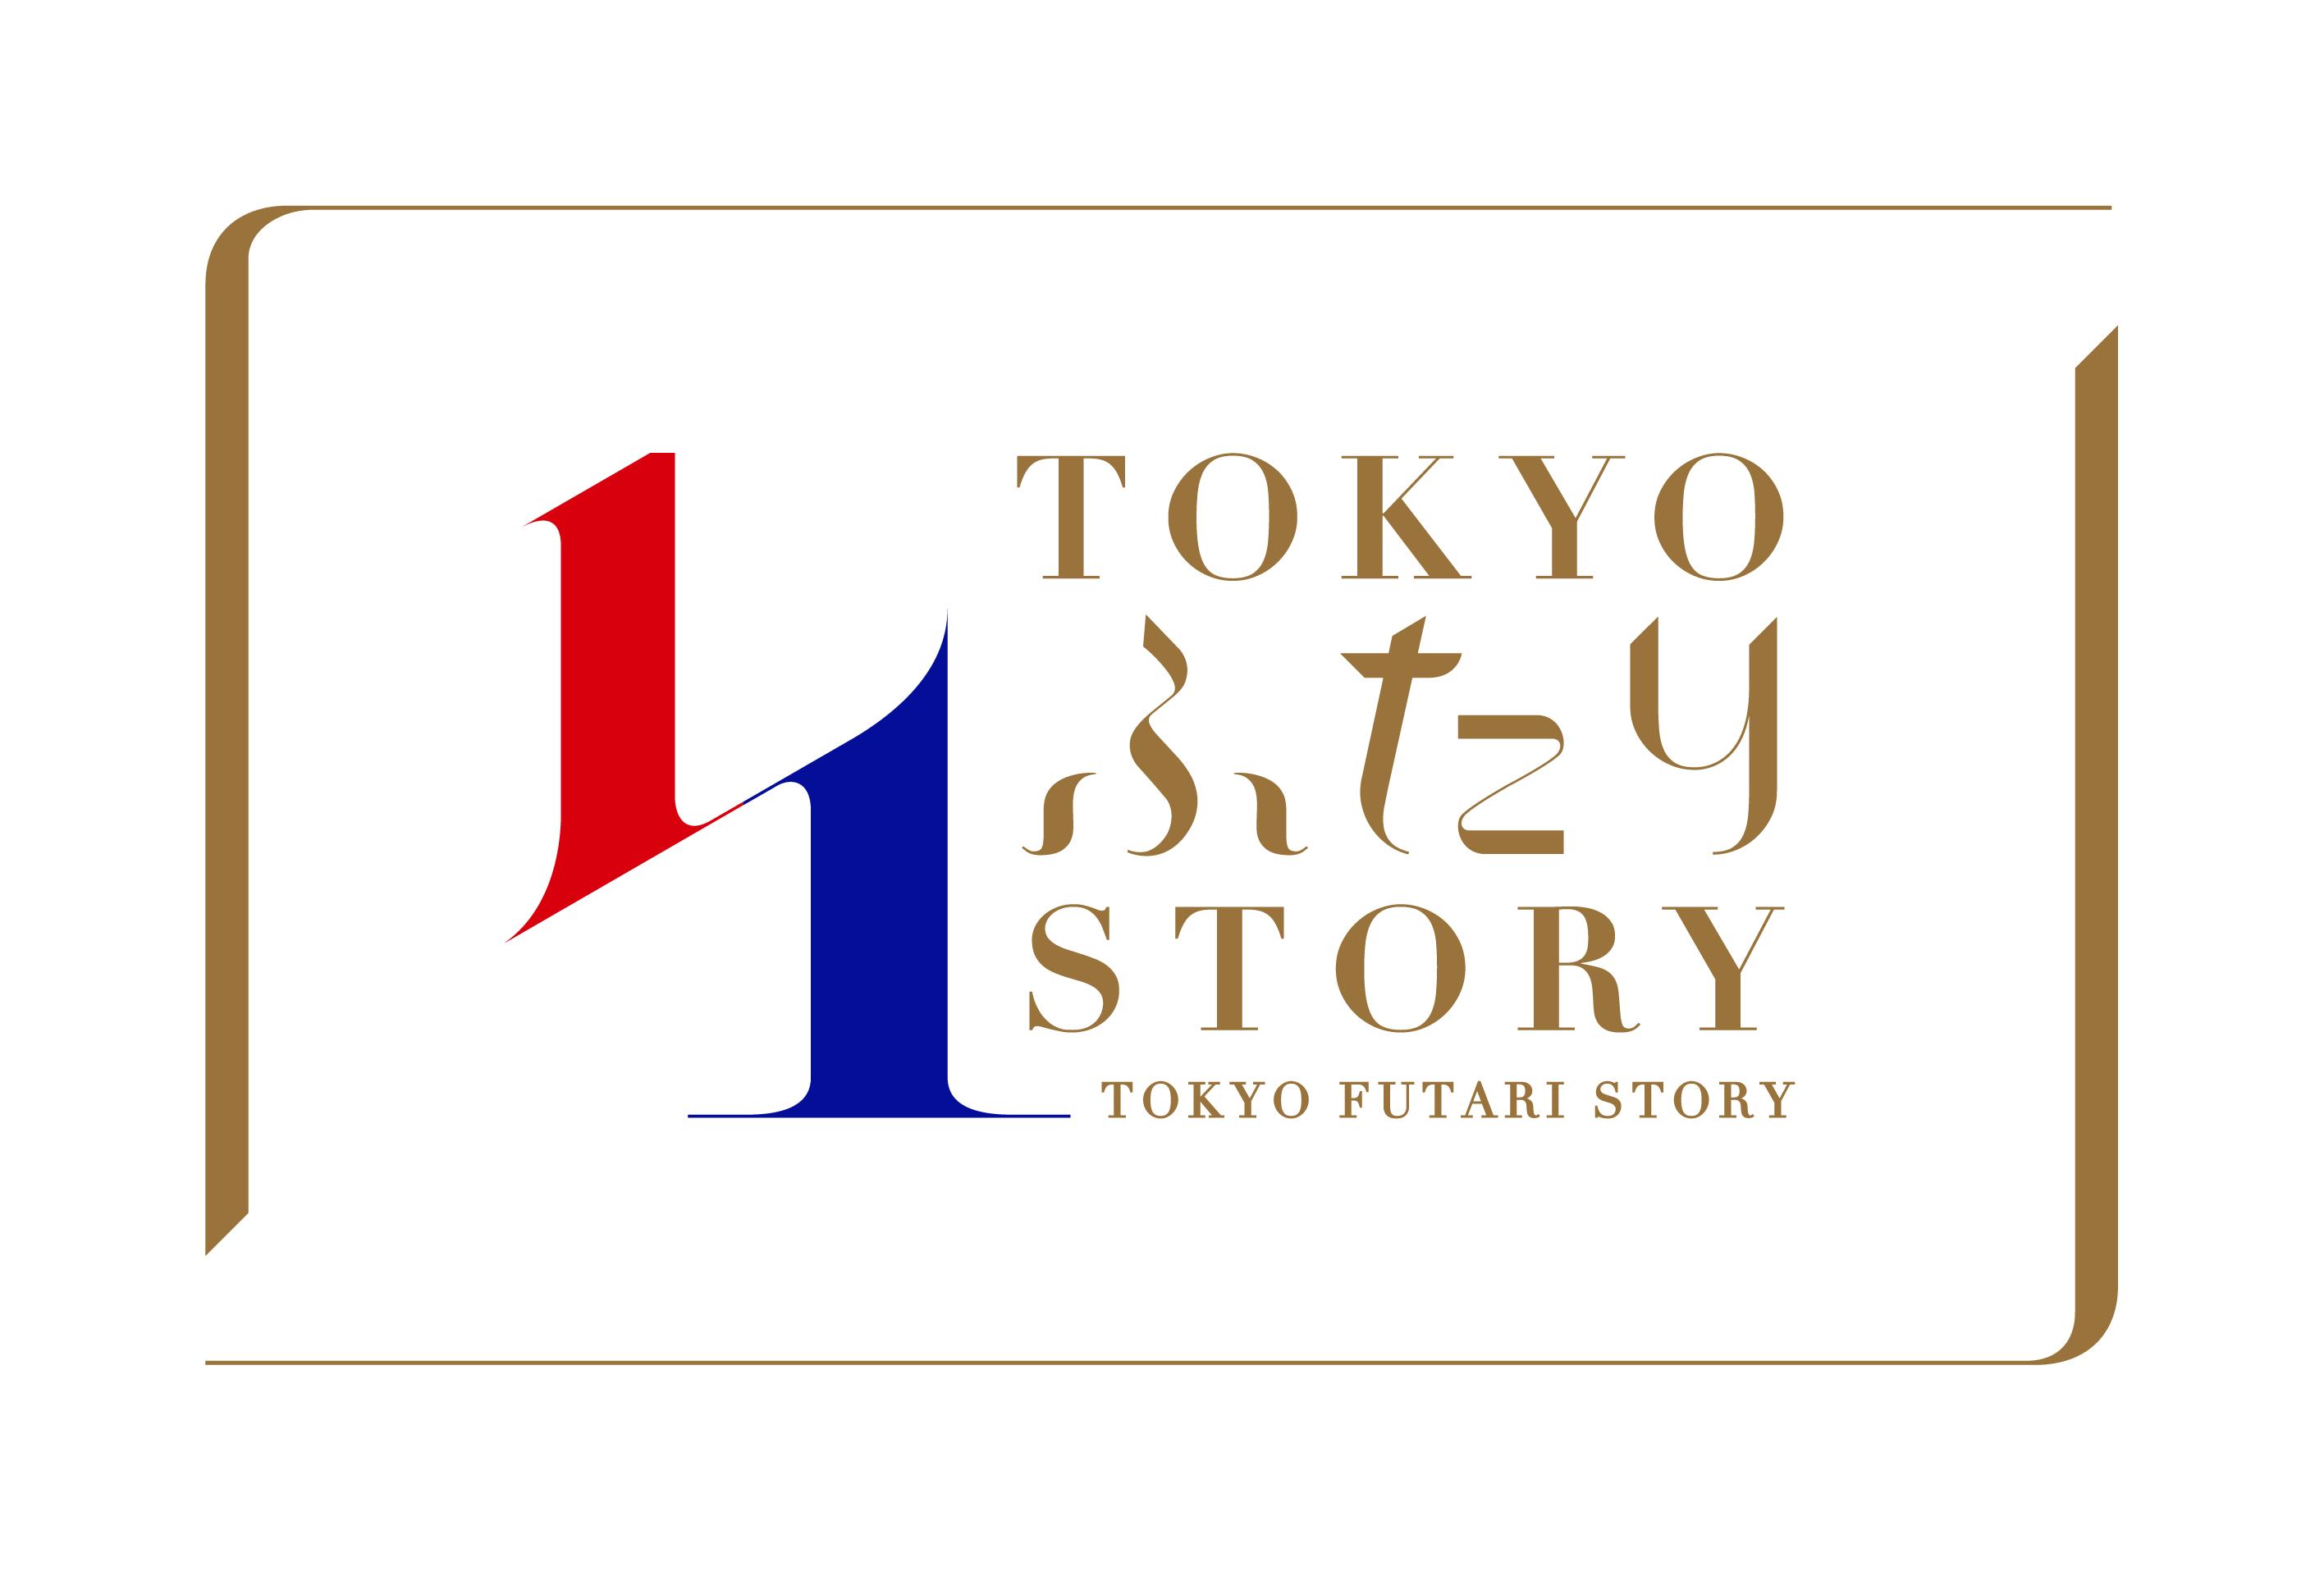 【東京都からのお知らせ】東京都が本気で結婚応援!結婚支援ポータルサイト「TOKYOふたりSTORY」公開のお知らせ